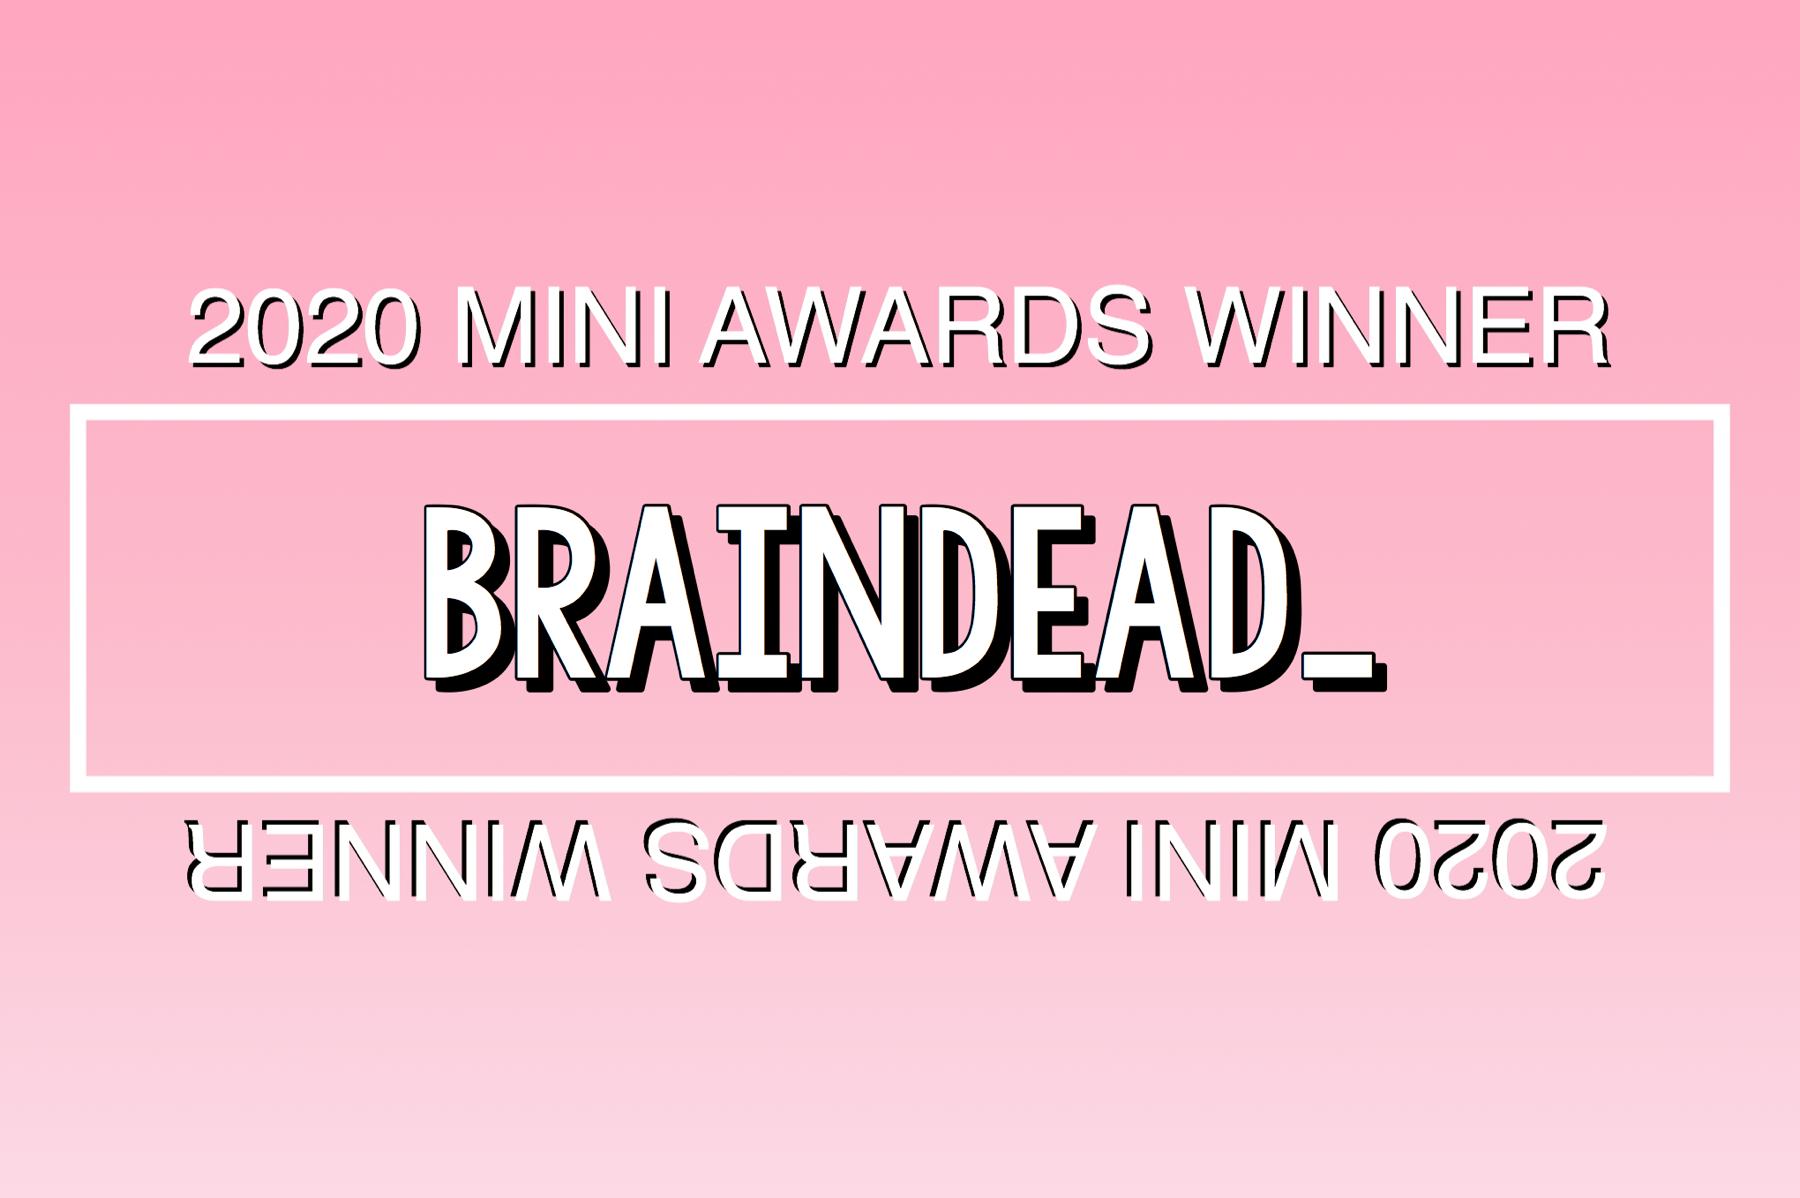 2020 Mini Awards Winner @braindead_!